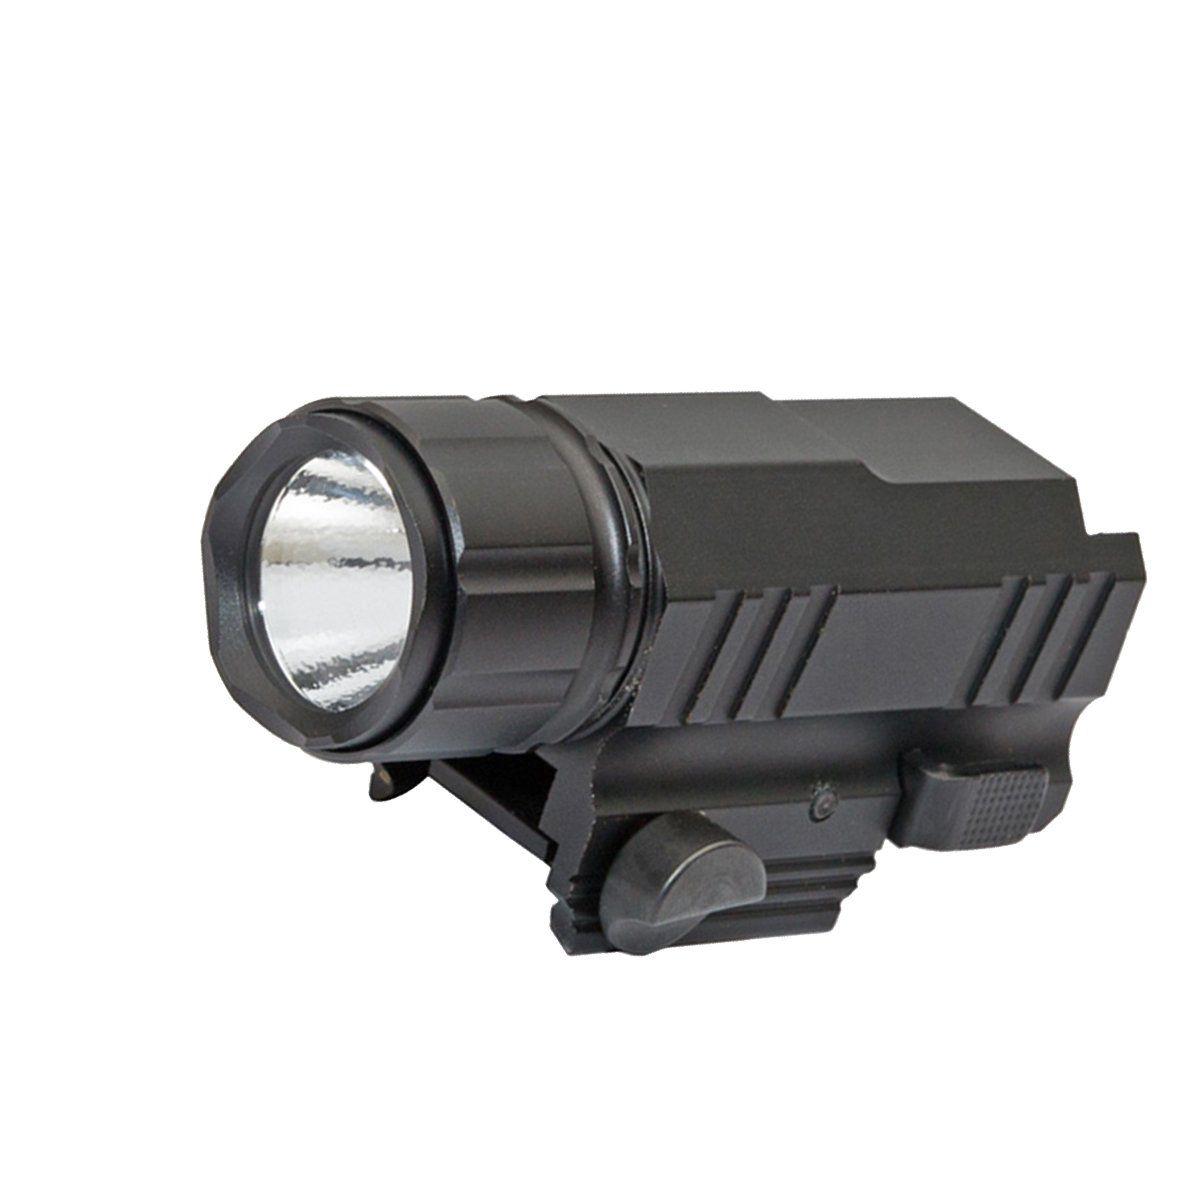 Lanterna Tática Nautika Taclite 150L